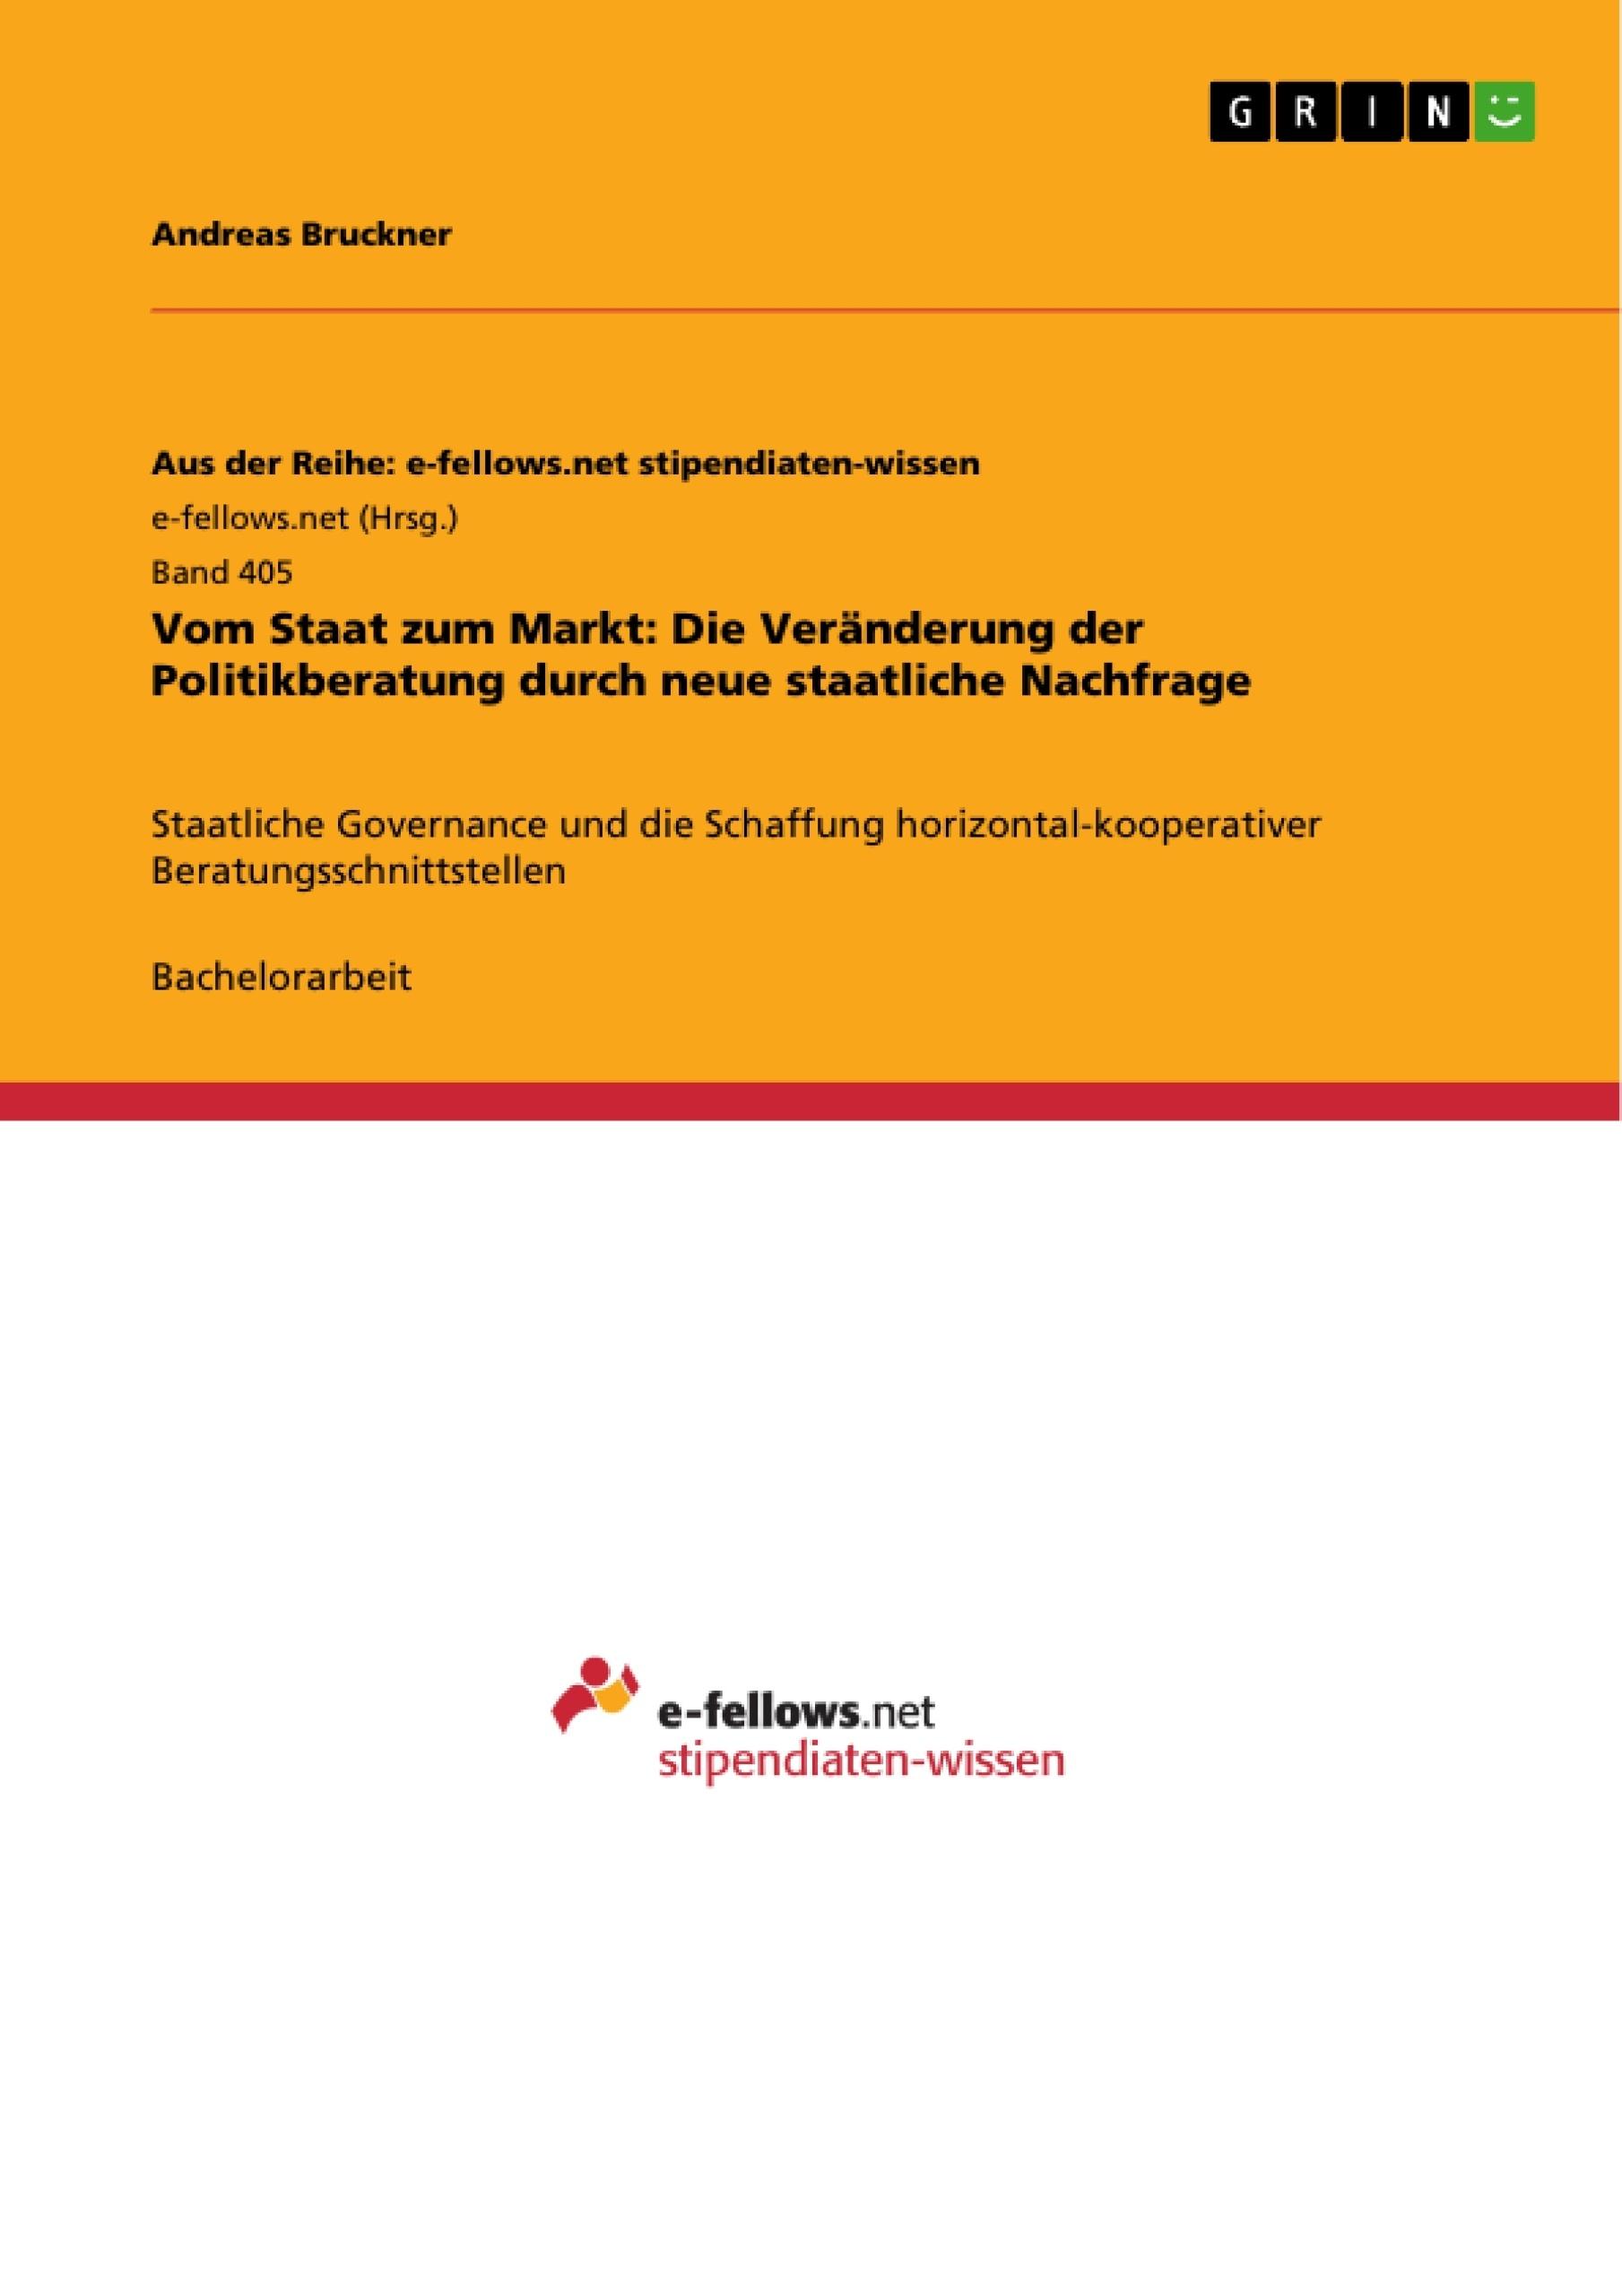 Titel: Vom Staat zum Markt: Die Veränderung der Politikberatung durch neue staatliche Nachfrage